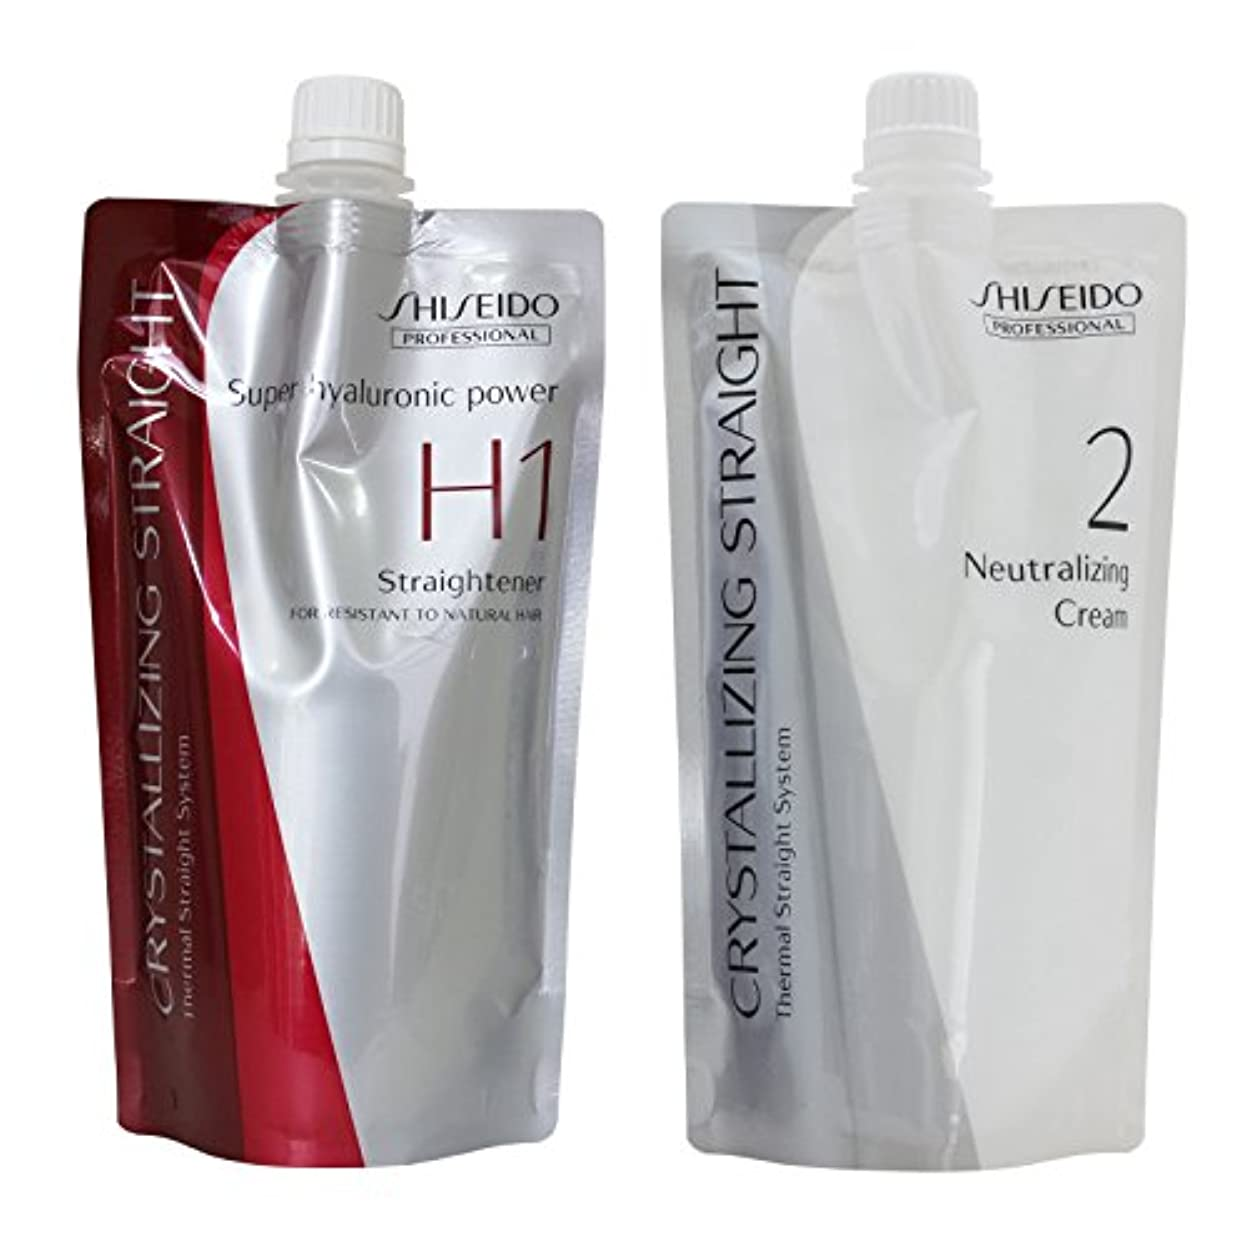 行うフィードオン悩む資生堂プロフェッショナル 縮毛矯正剤 クリスタラジングストレート α H ハードタイプ